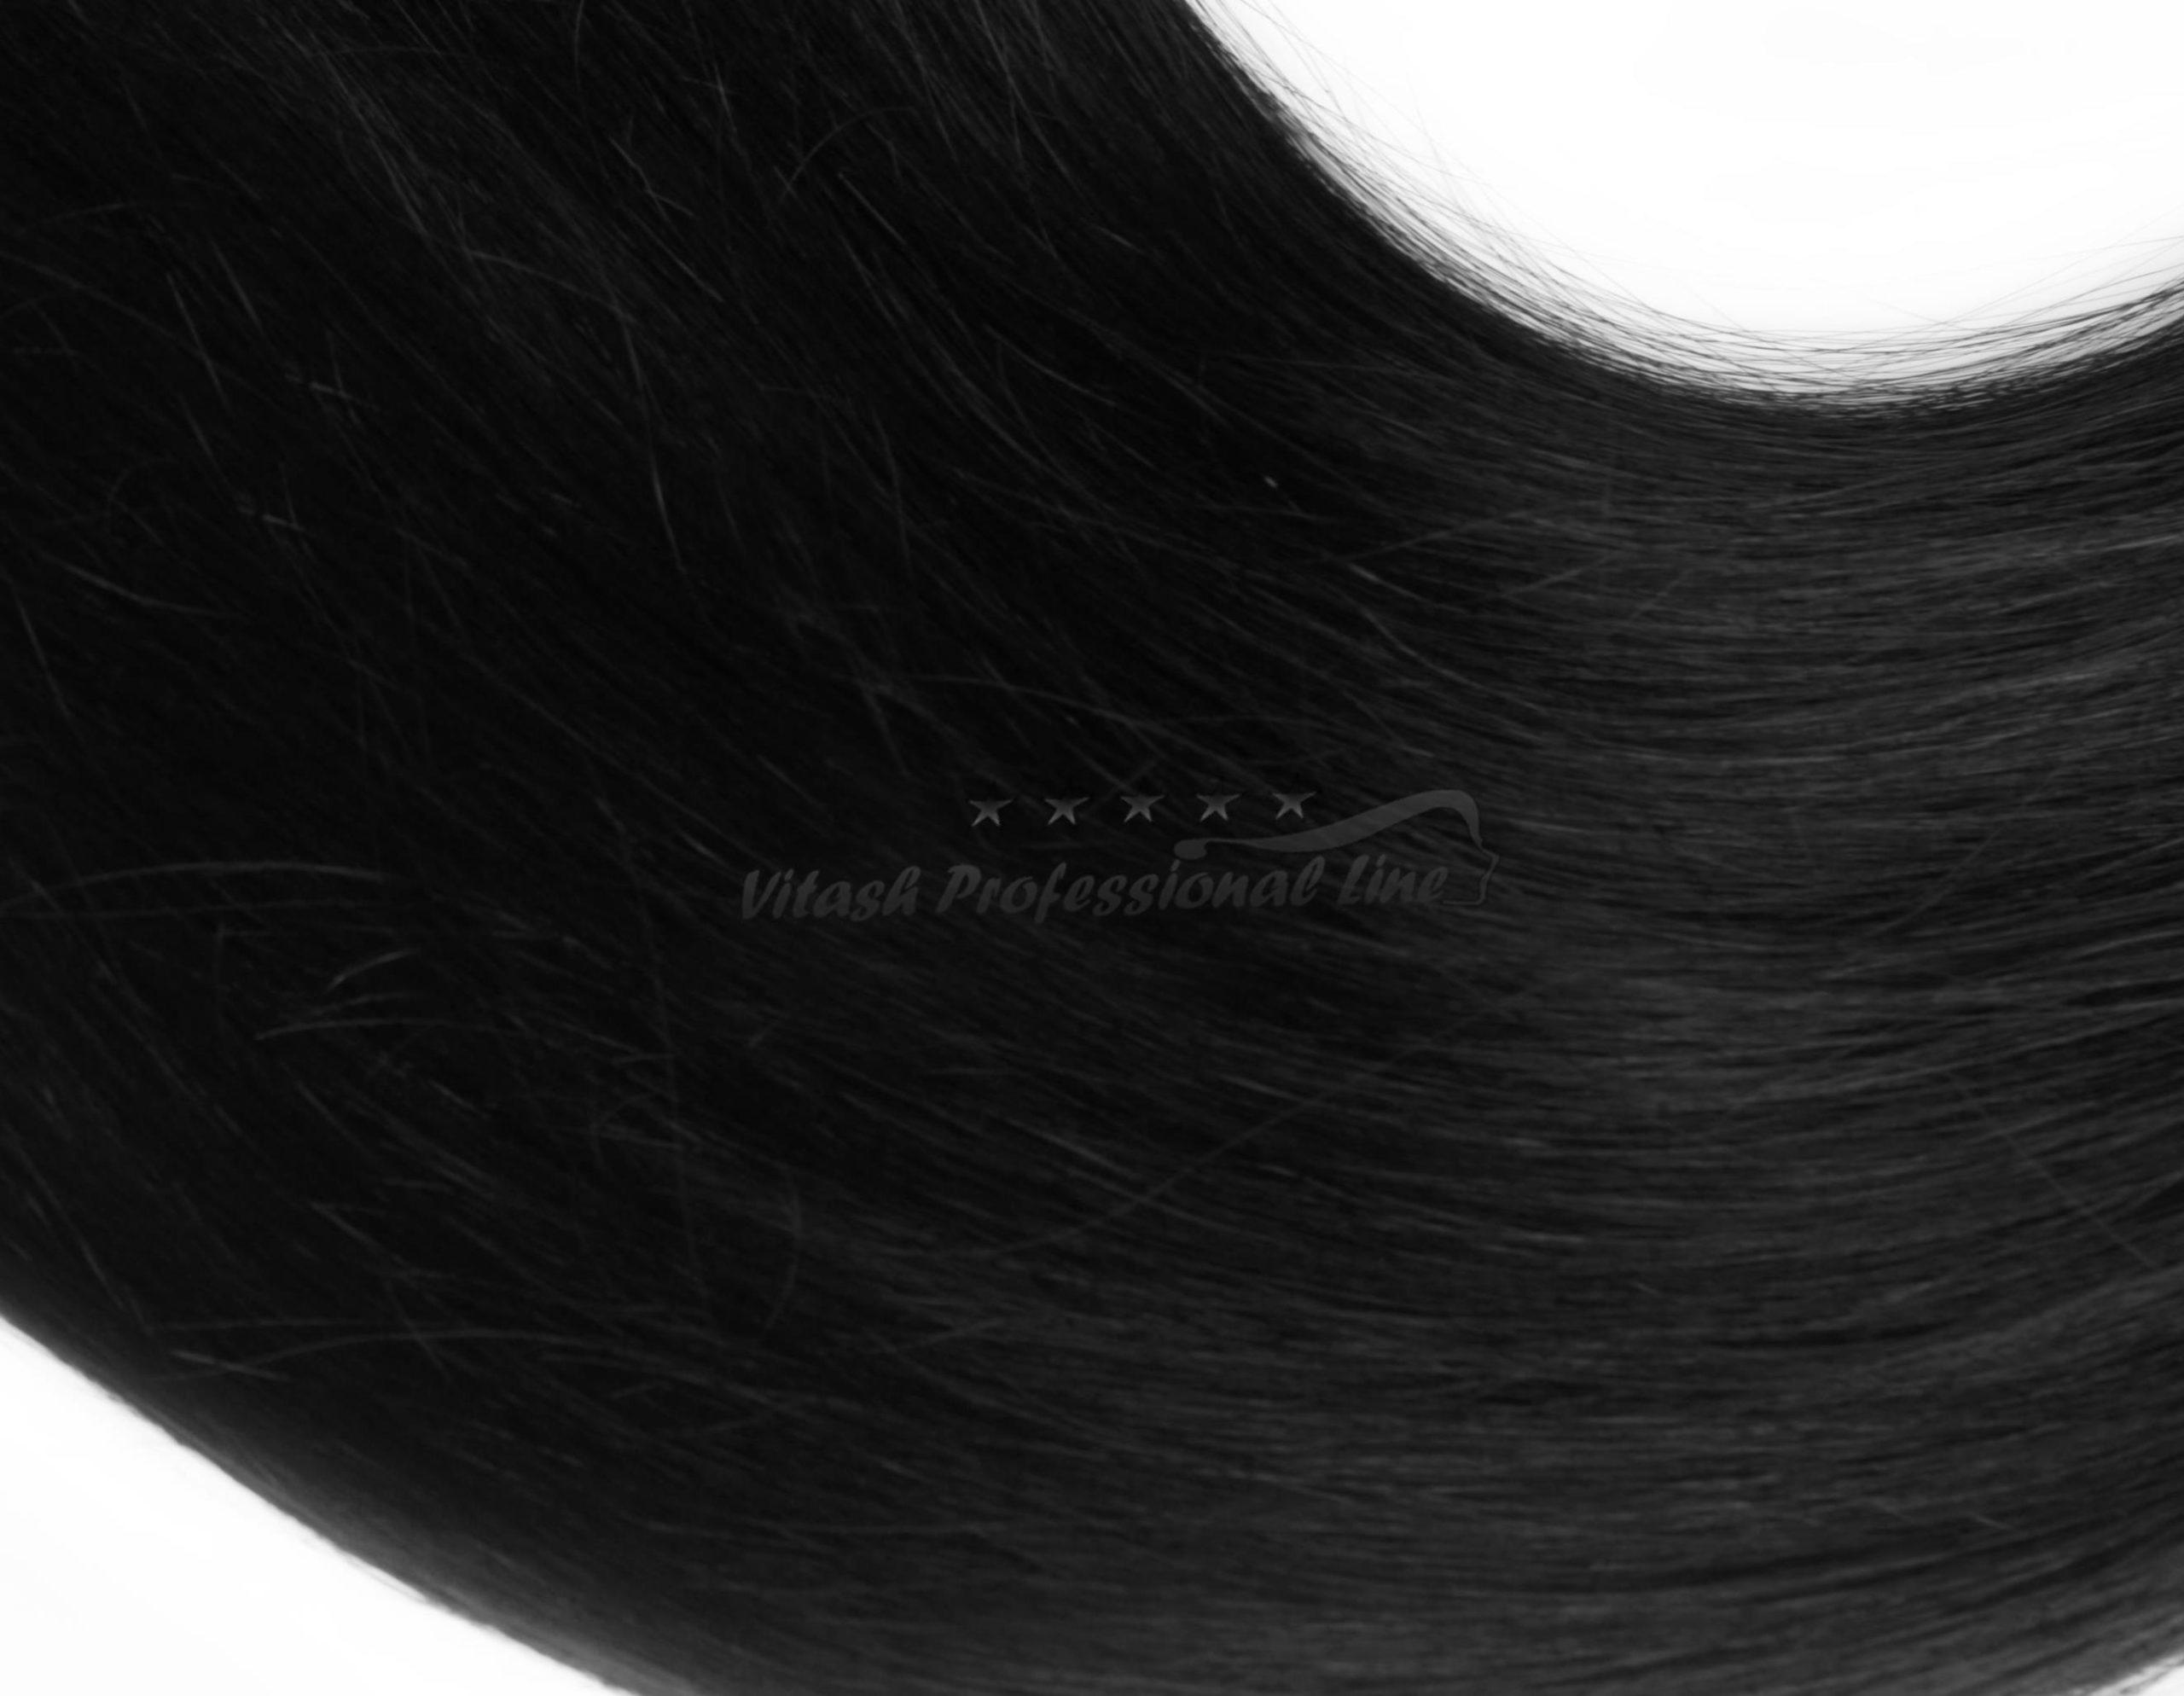 25 REMY indische Echthaar Strähnen - 0,8 Gramm pro Strähne #1- schwarz